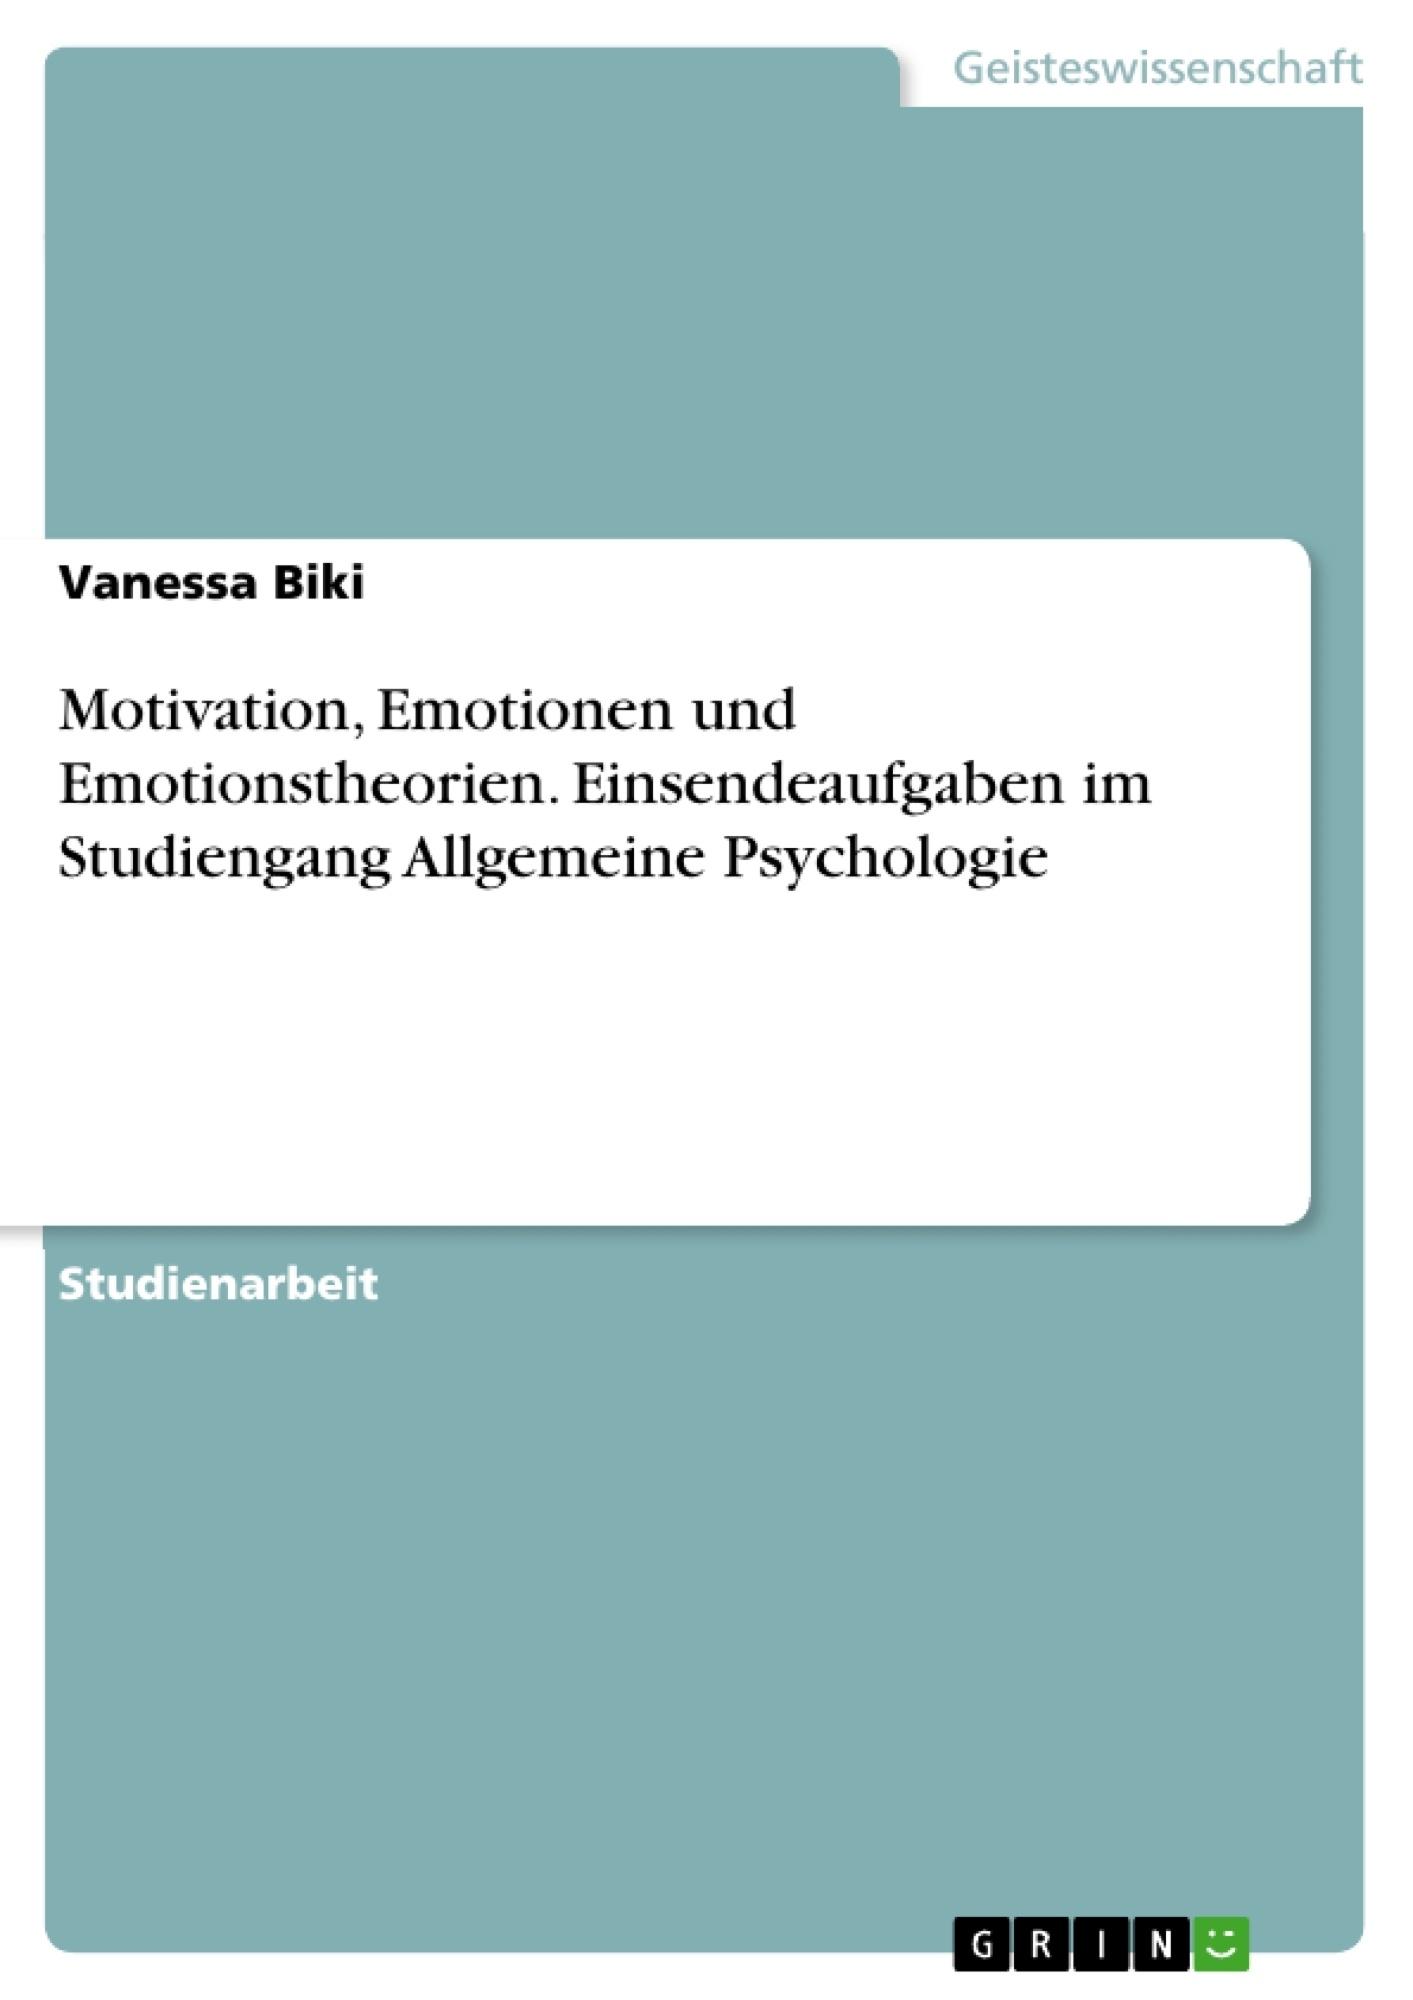 Titel: Motivation, Emotionen und Emotionstheorien. Einsendeaufgaben im Studiengang Allgemeine Psychologie